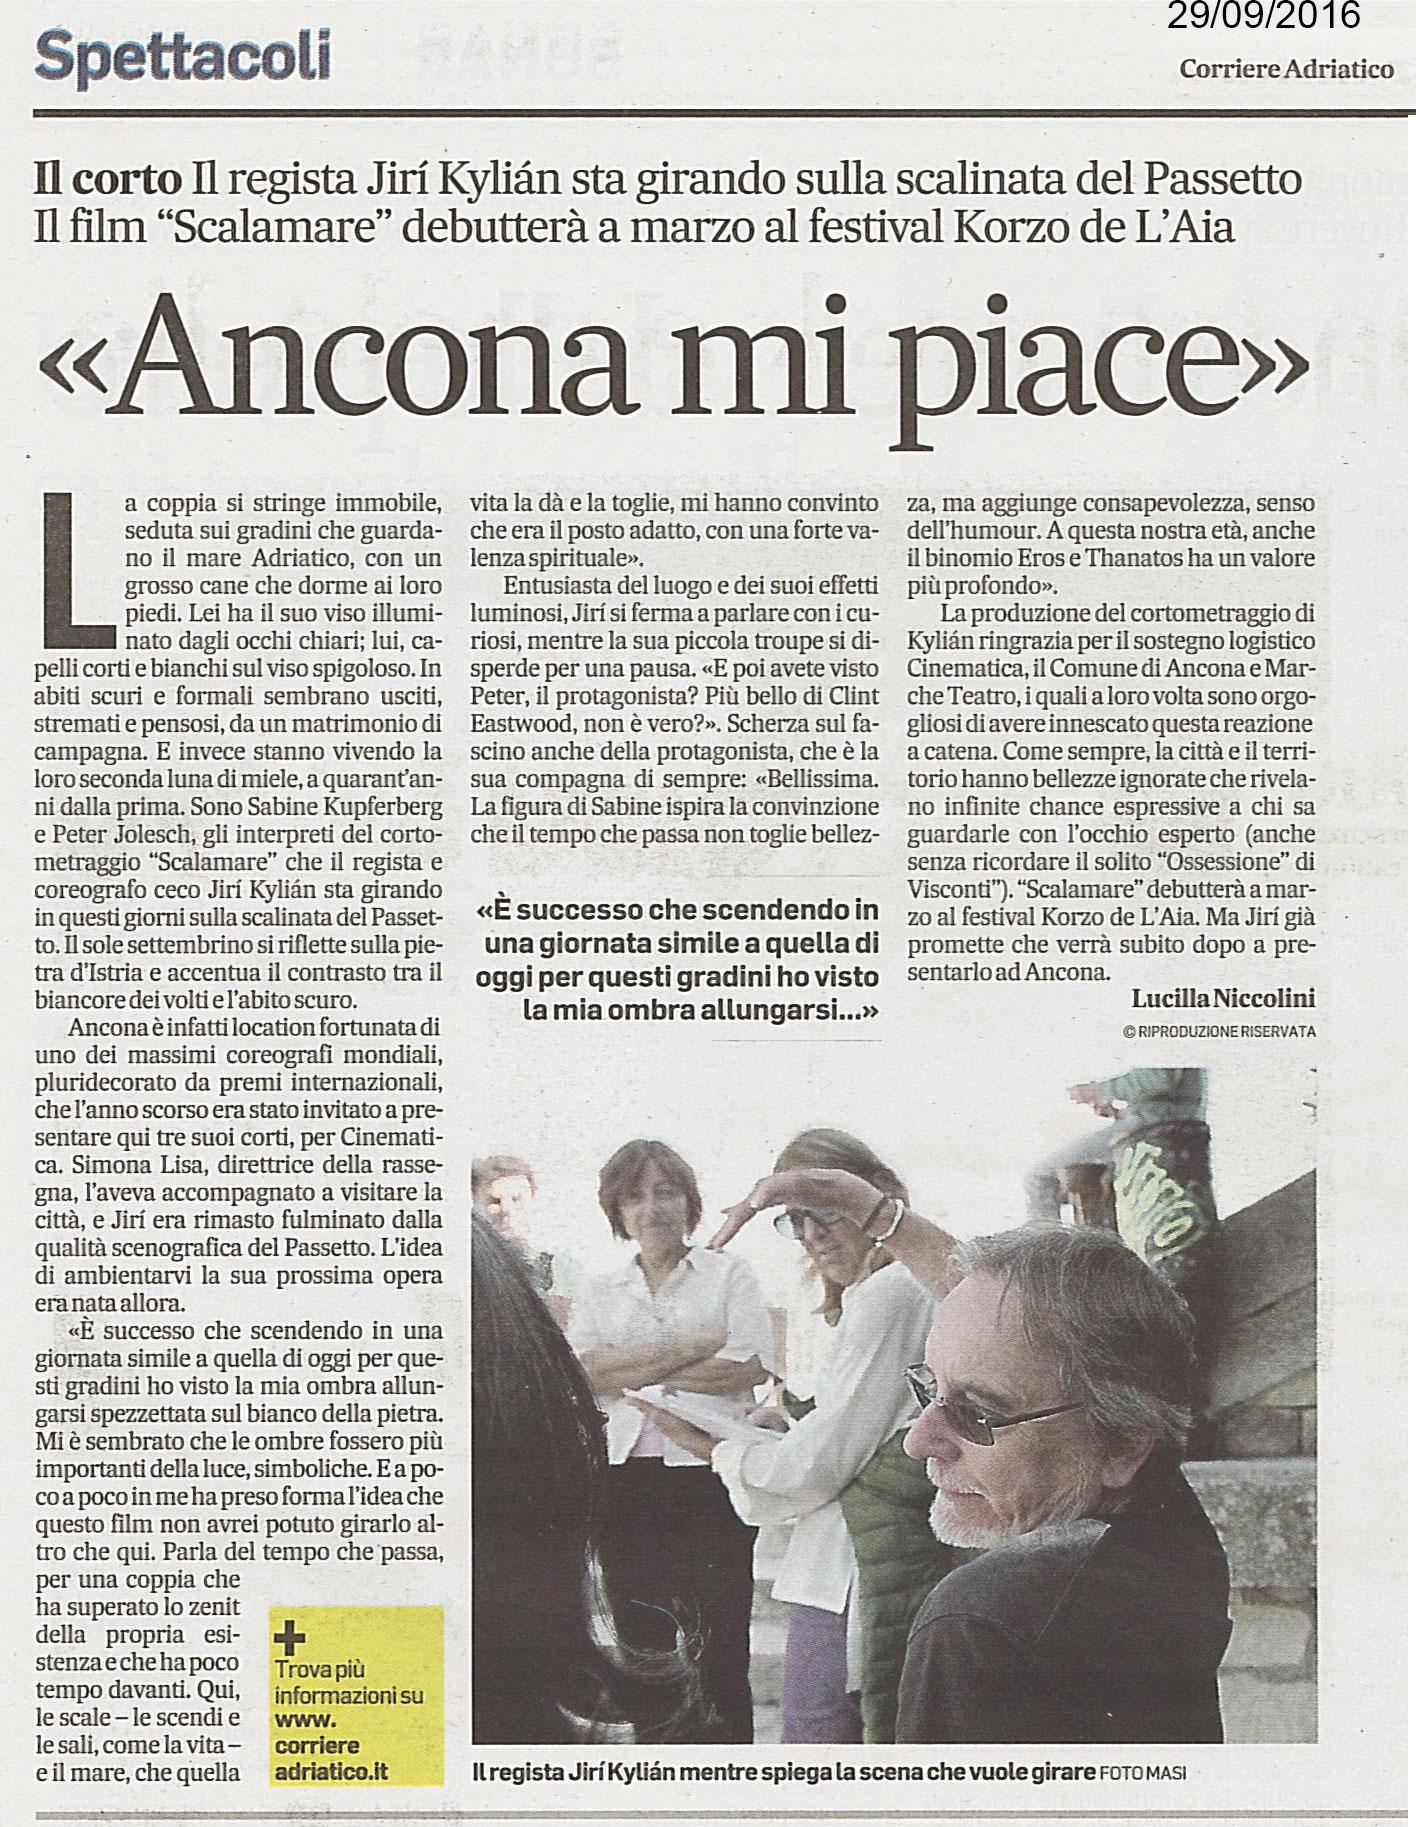 2016_09_29_ancona-mi-piace_corriere-adriatico